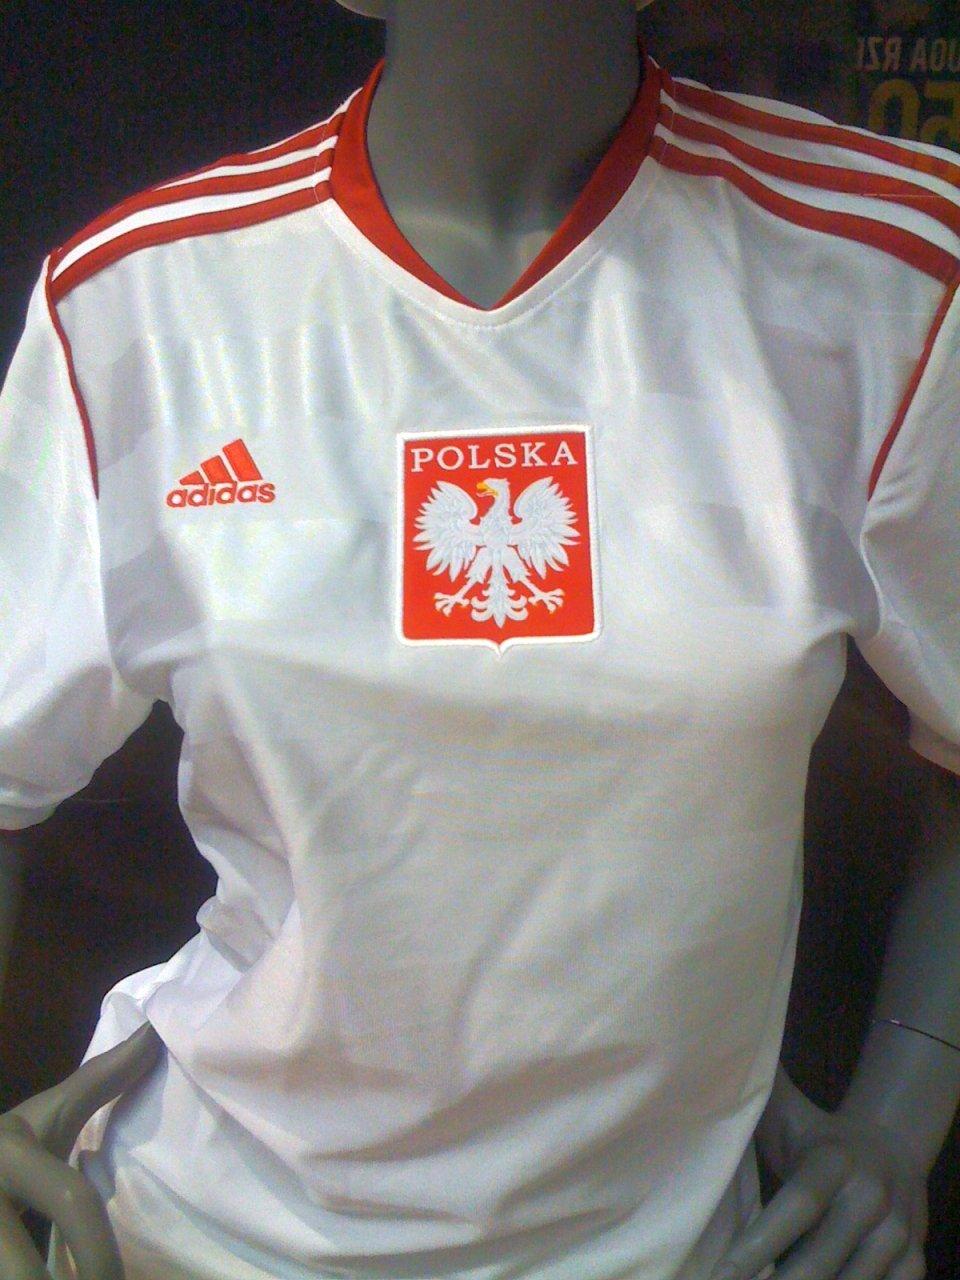 1e052fe8b Na koszulkach Adidasa orzełek bez korony. Dlaczego? Reprezentacja Polski